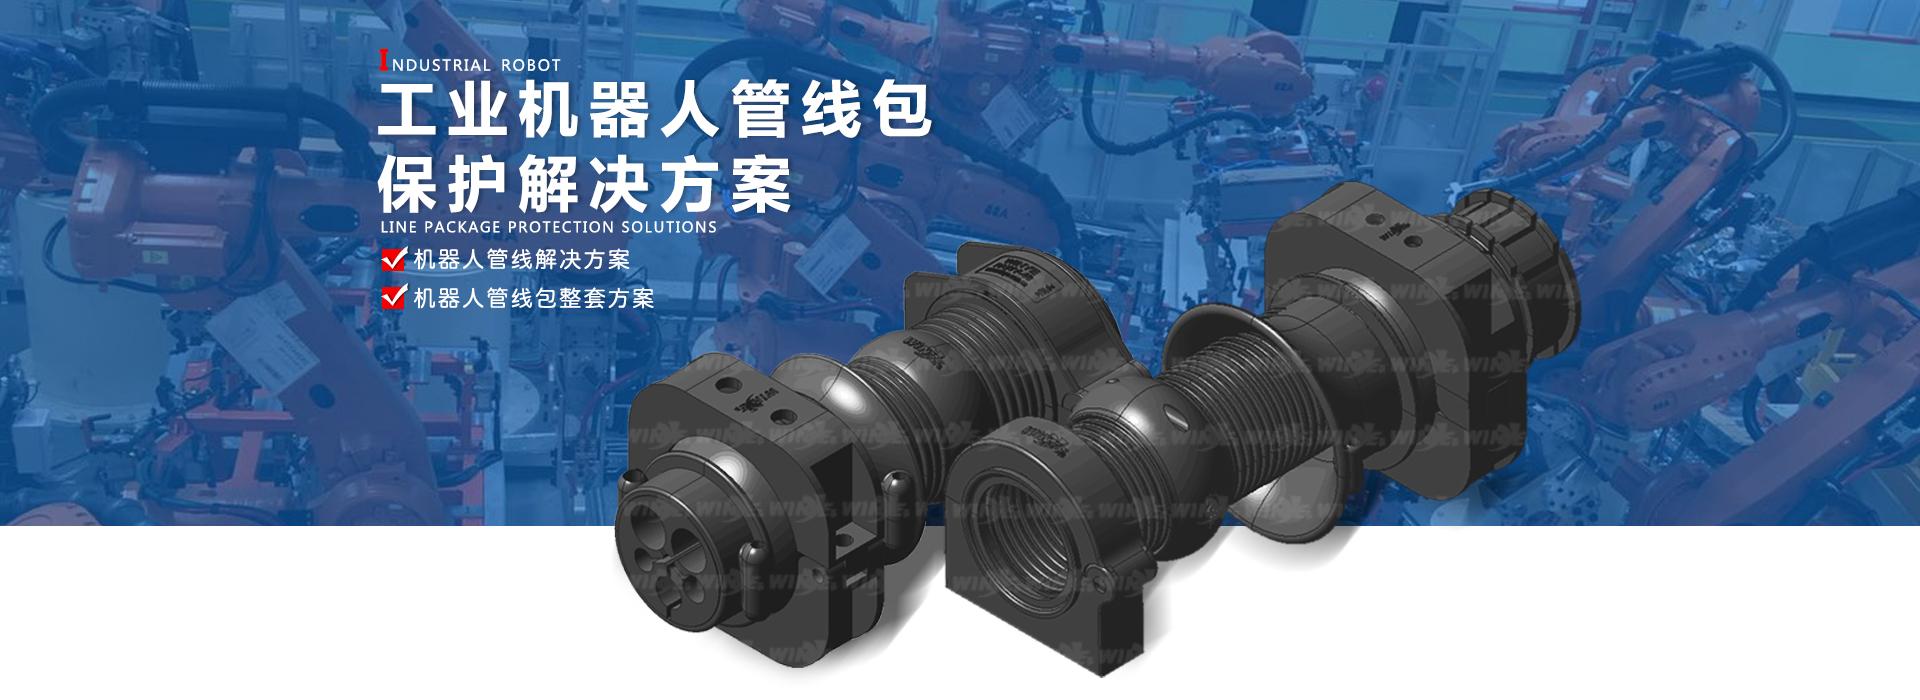 机器人管线包_管线包_机器人管线包配件_工业机器人管线包